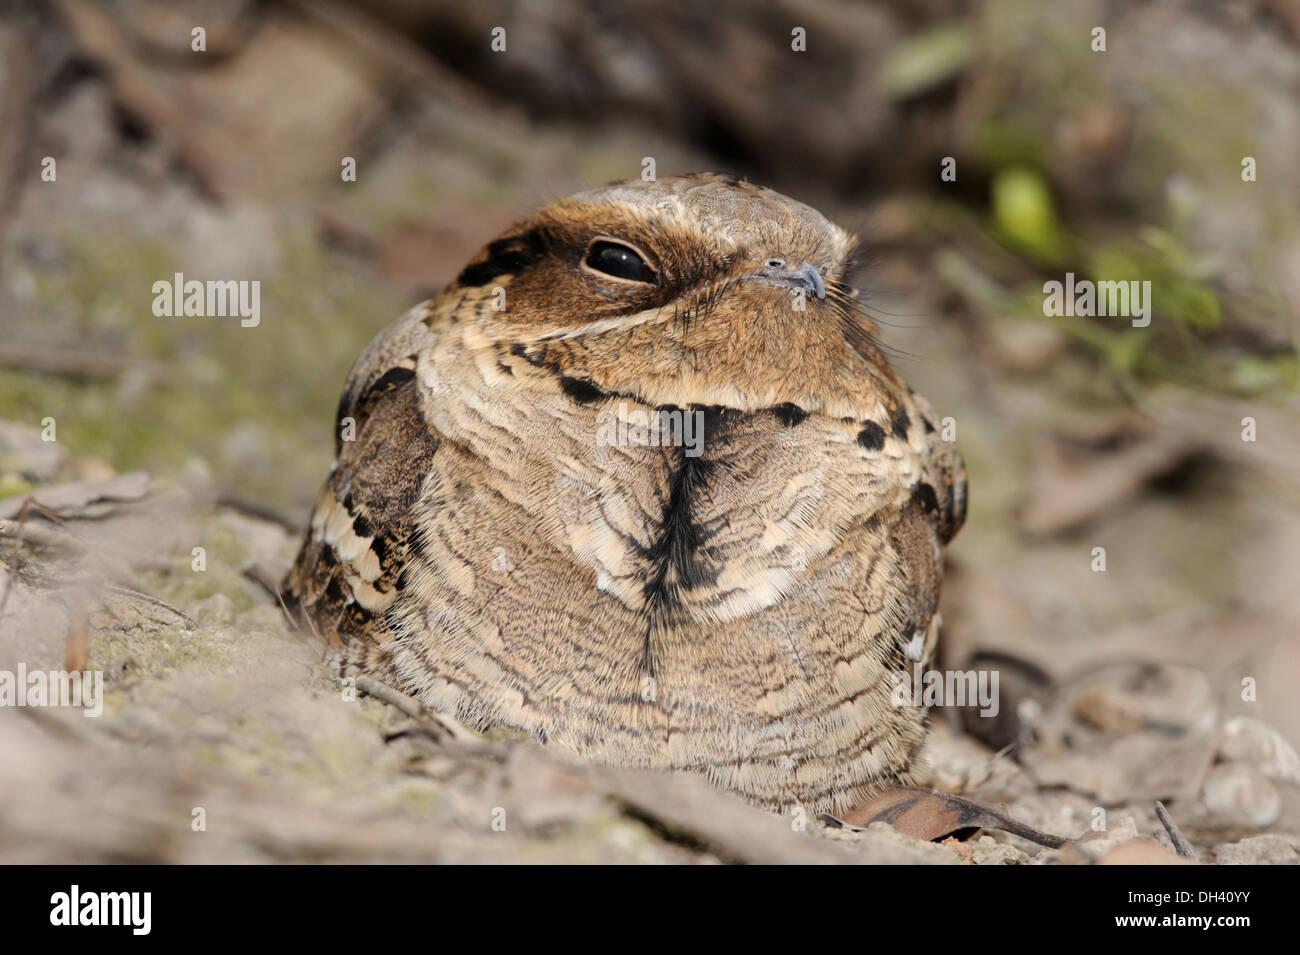 Indian Long-tailed Nightjar - Caprimulgus atripennis - Stock Image